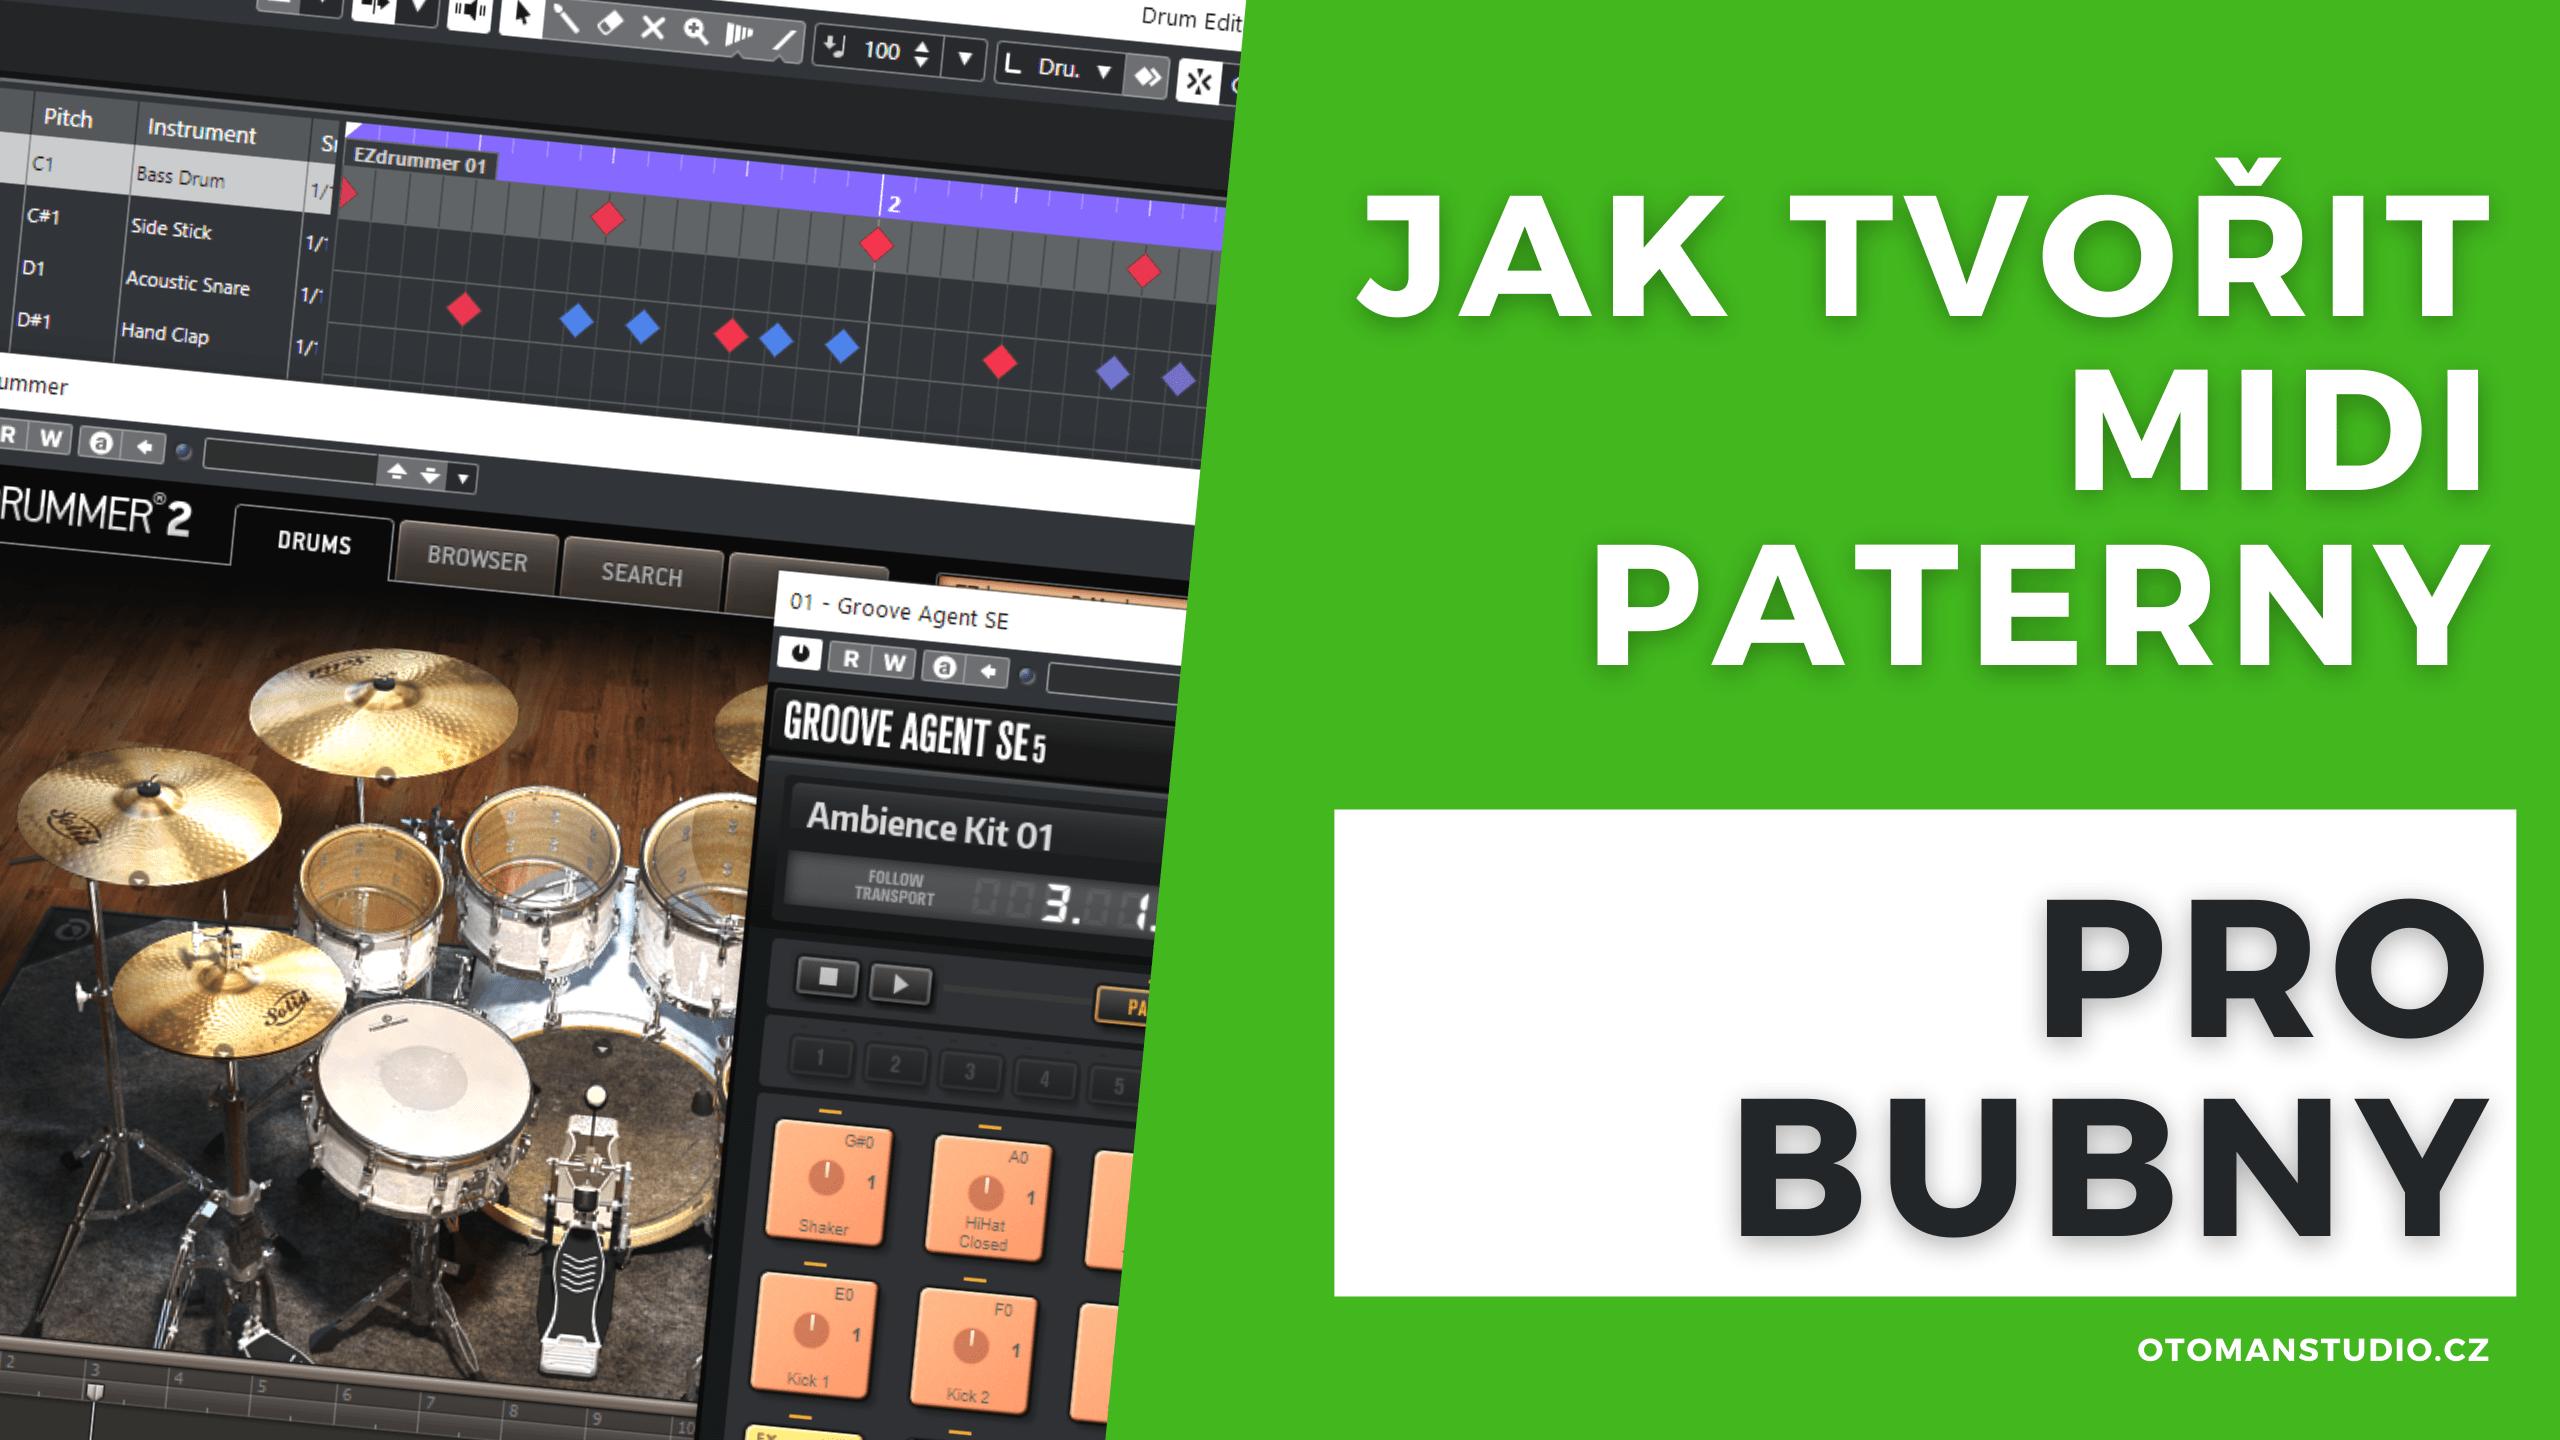 Jak tvořit MIDI Paterny pro Bubny?